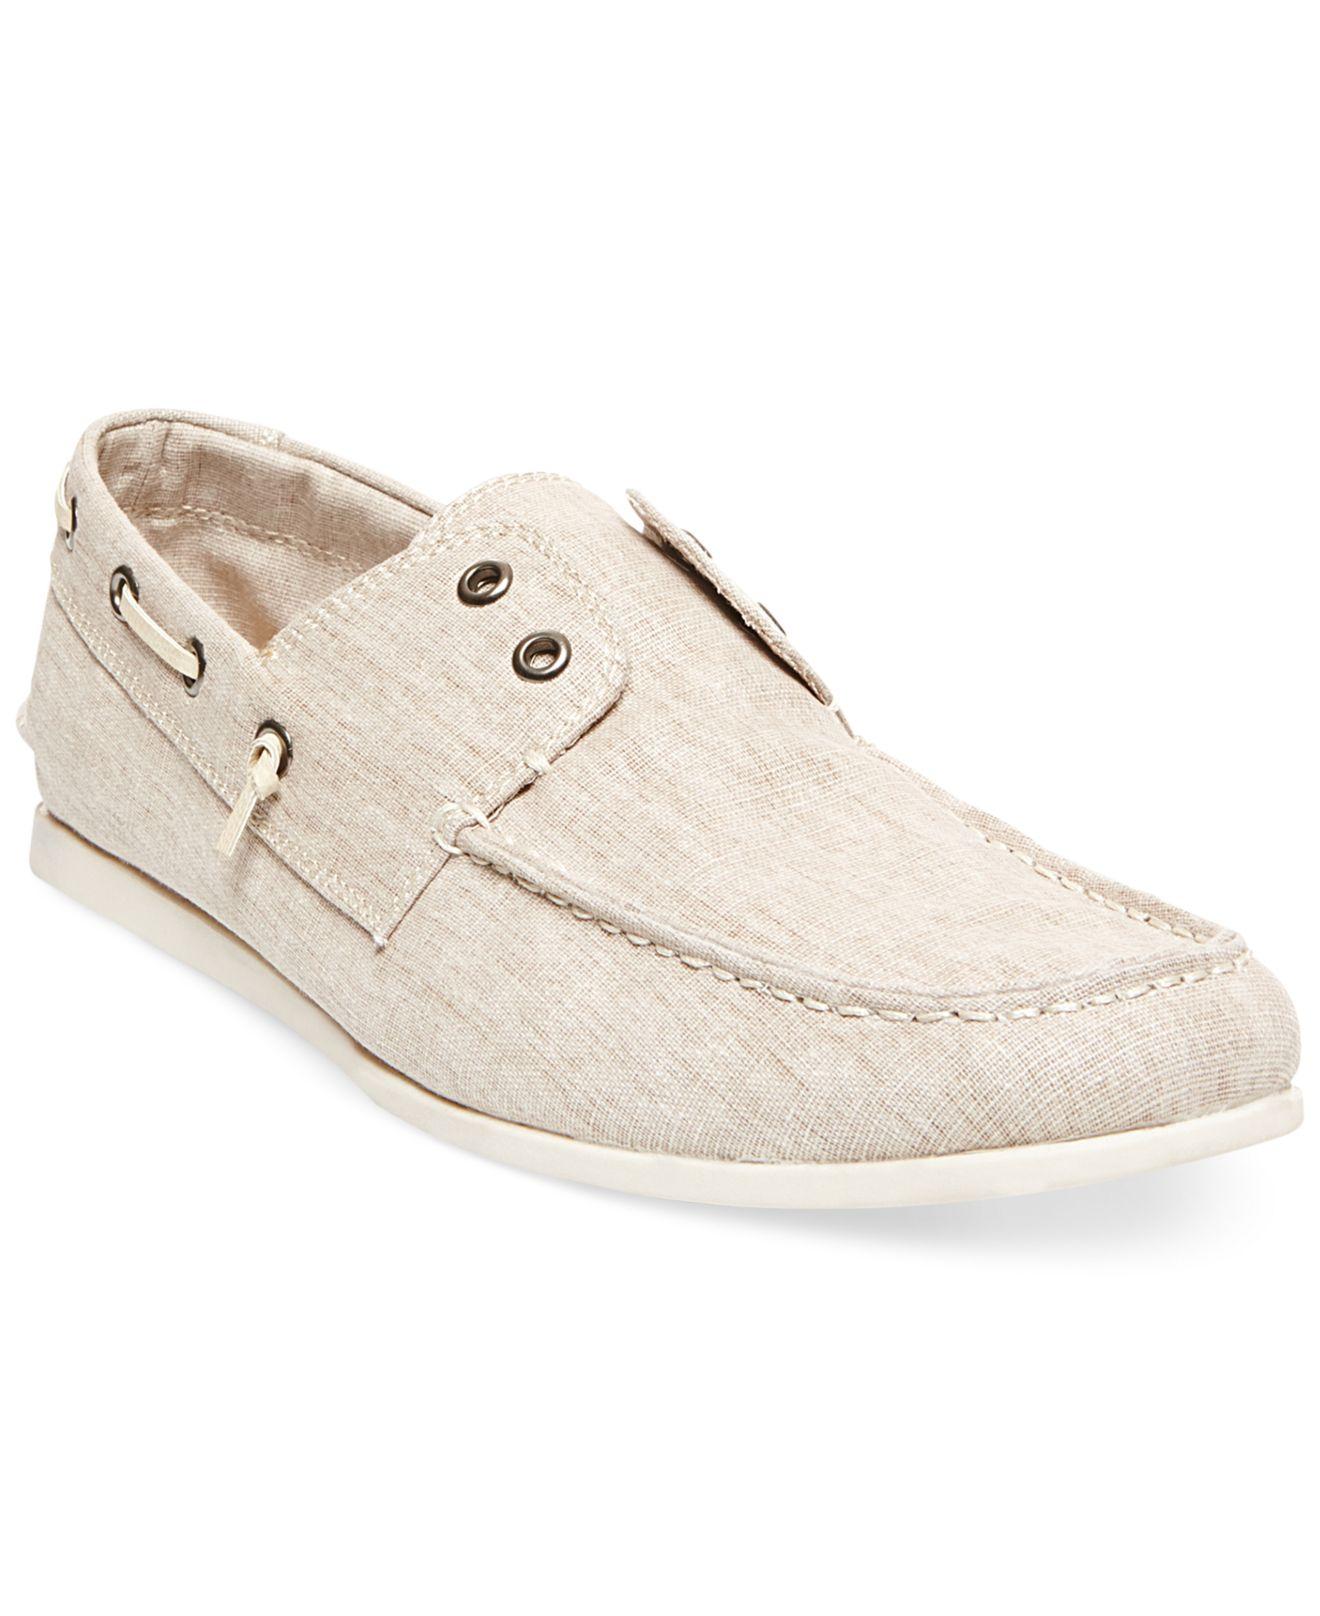 74de280a503 Steve Madden Natural Madden Glide Laceless Boat Shoes for men